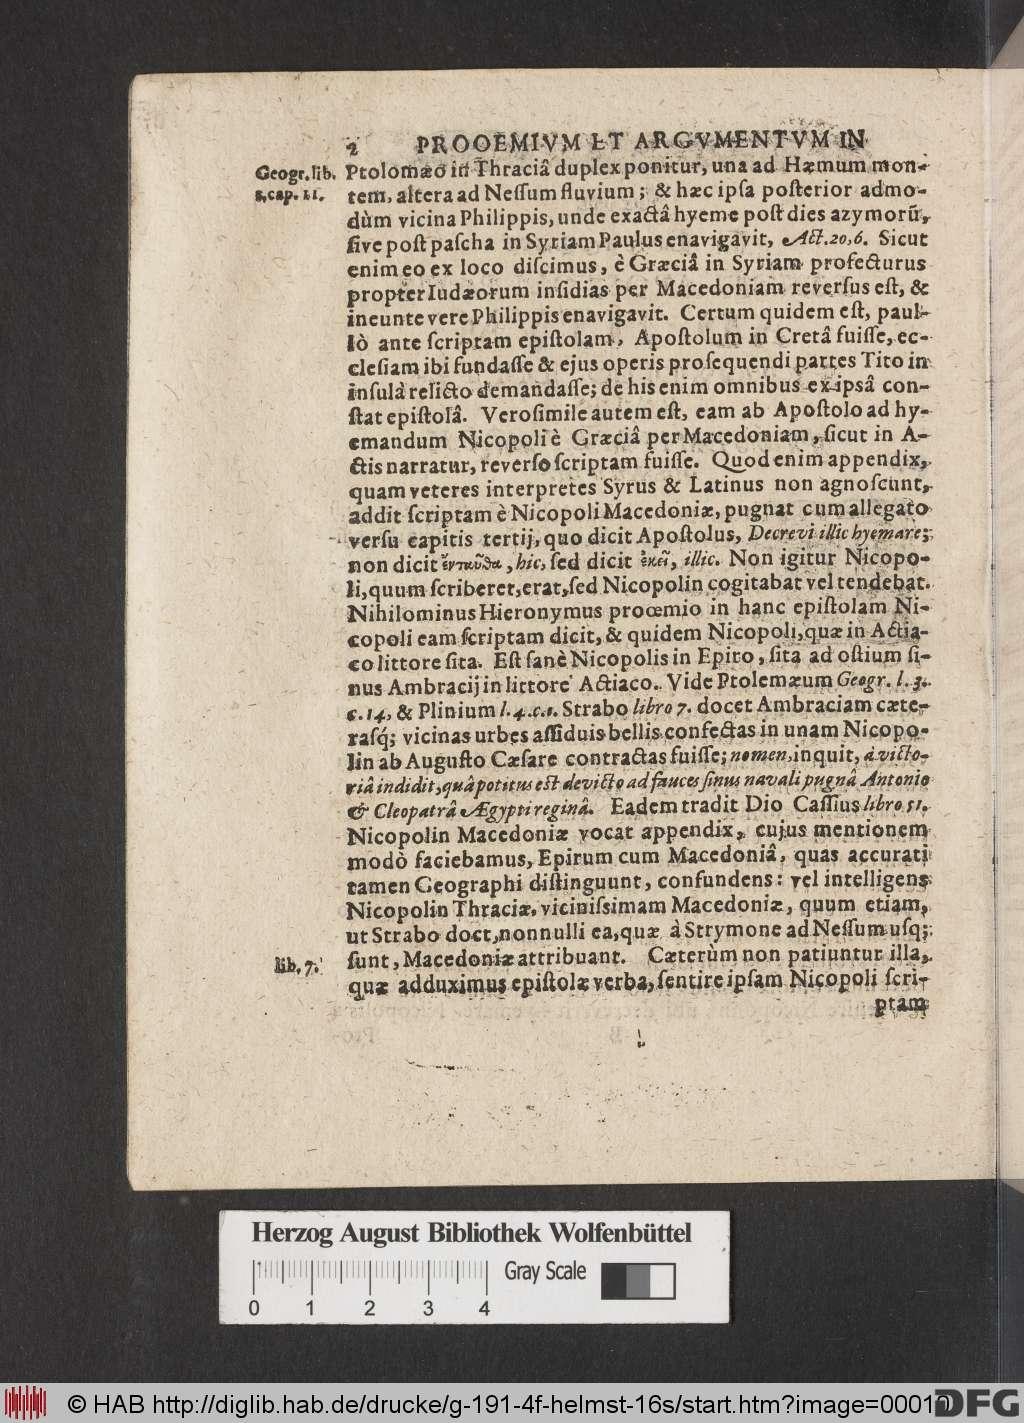 http://diglib.hab.de/drucke/g-191-4f-helmst-16s/00010.jpg